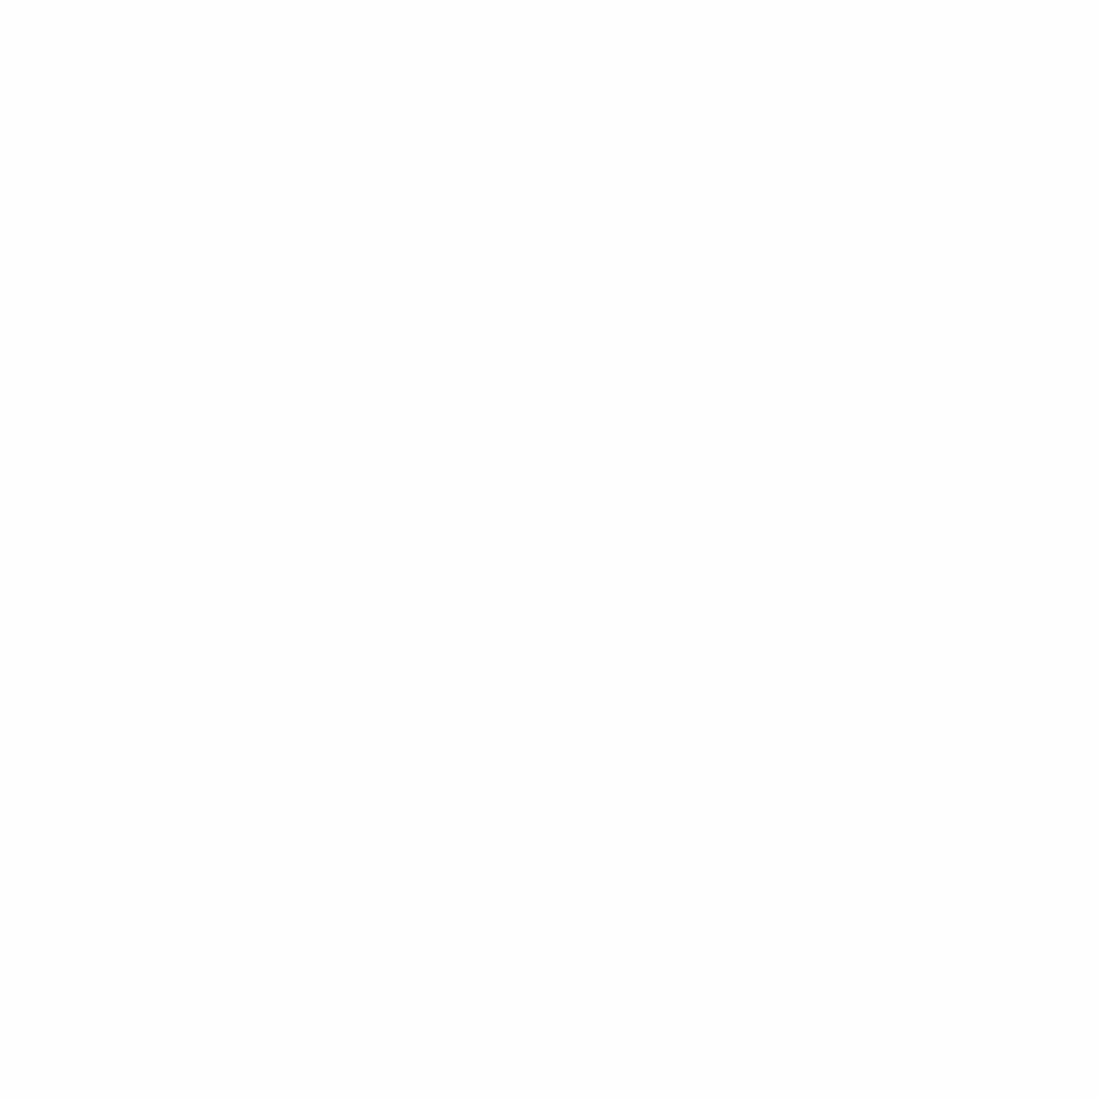 Trespa® Izeon® HPL Plaat EZ Wit RAL9010 Enkelzijdig folie 3050x1530x6mm